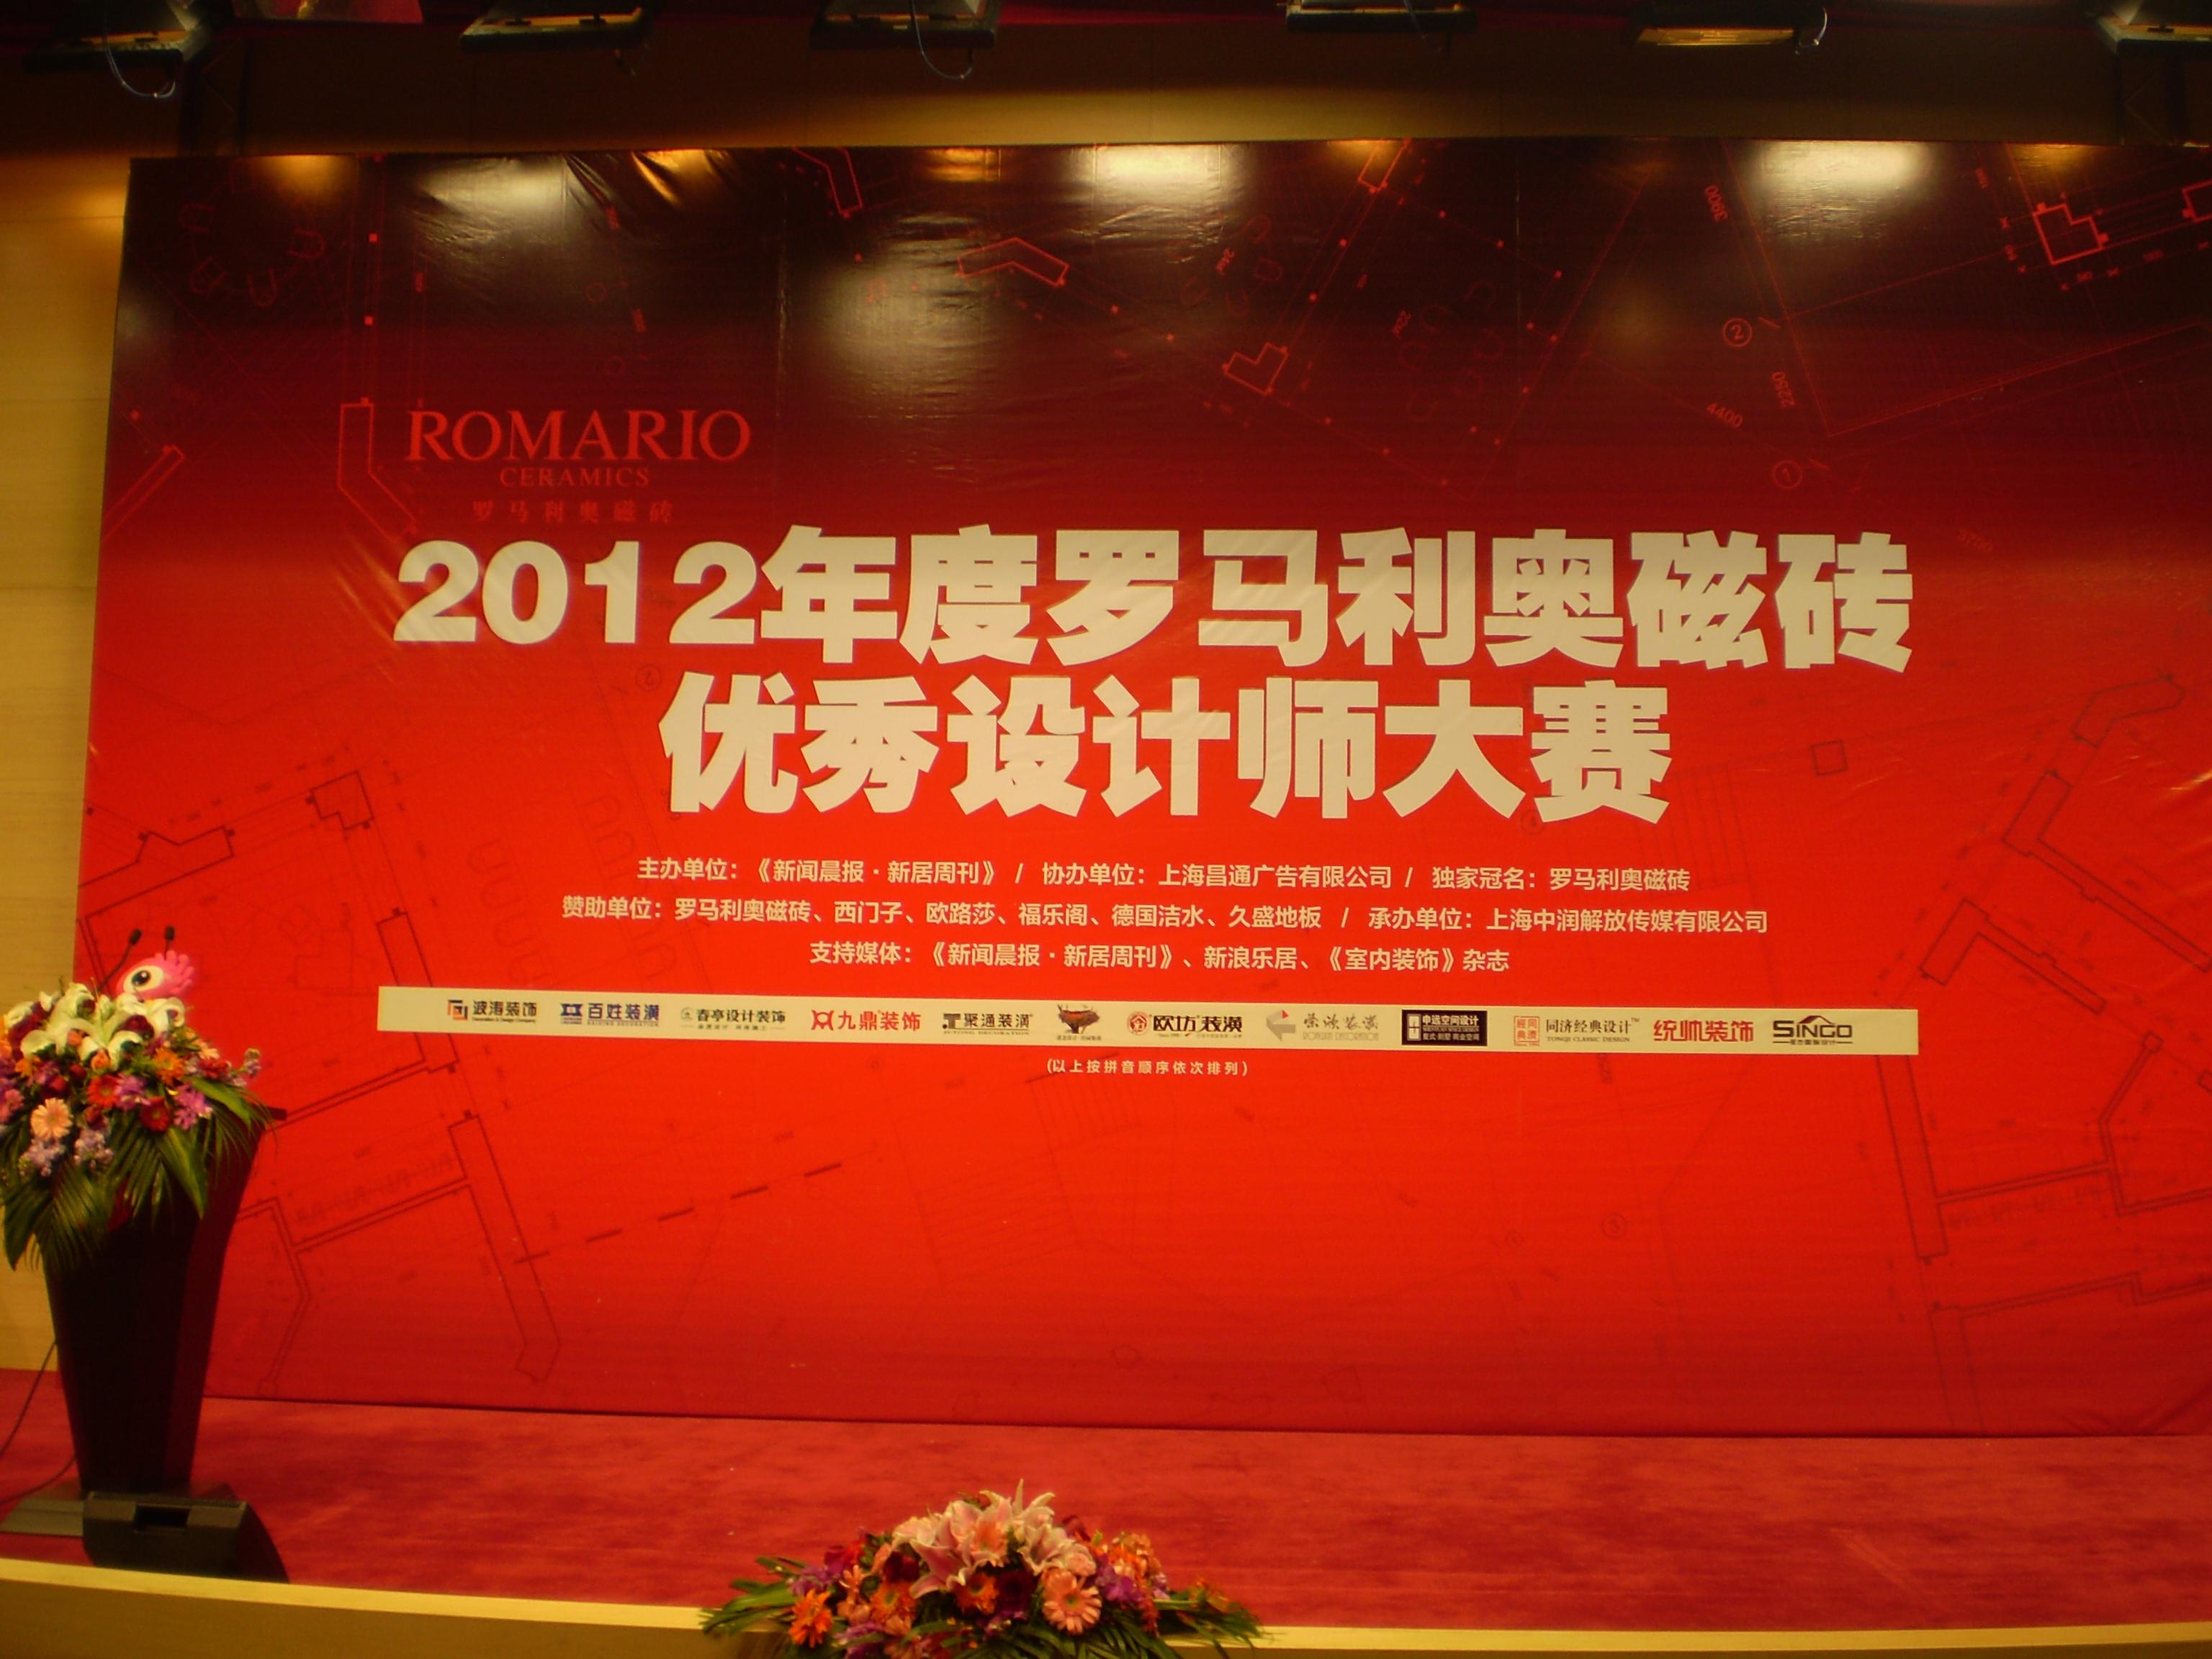 2012年度优秀室内设计师大赛拉开帷幕